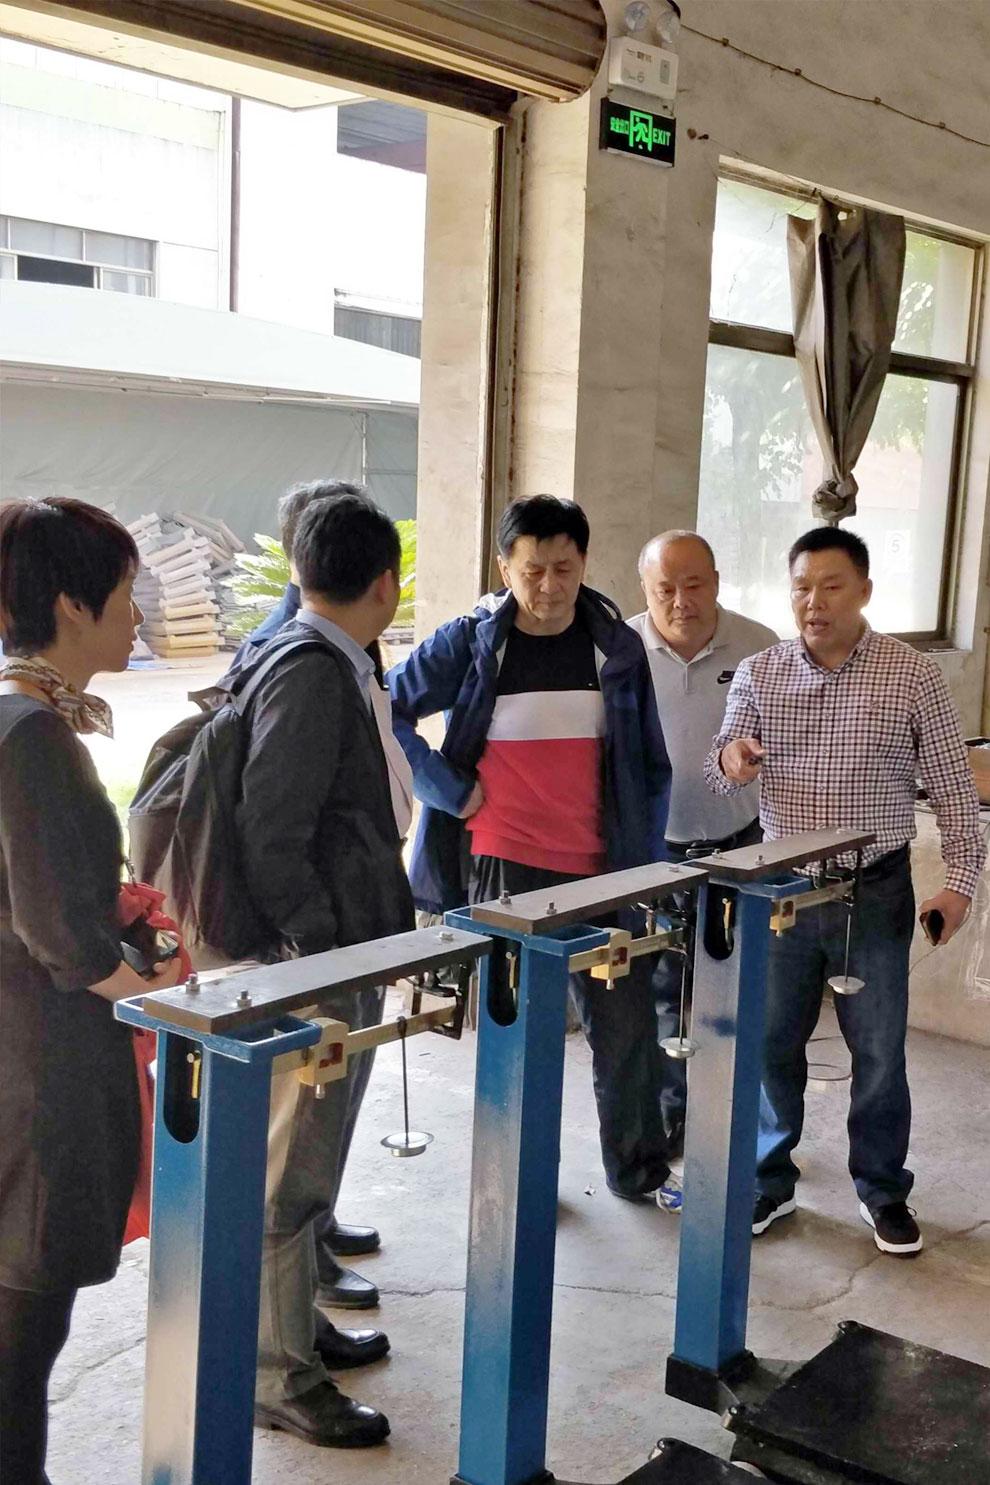 衡器自动化-上海本熙测控设备科技98彩票